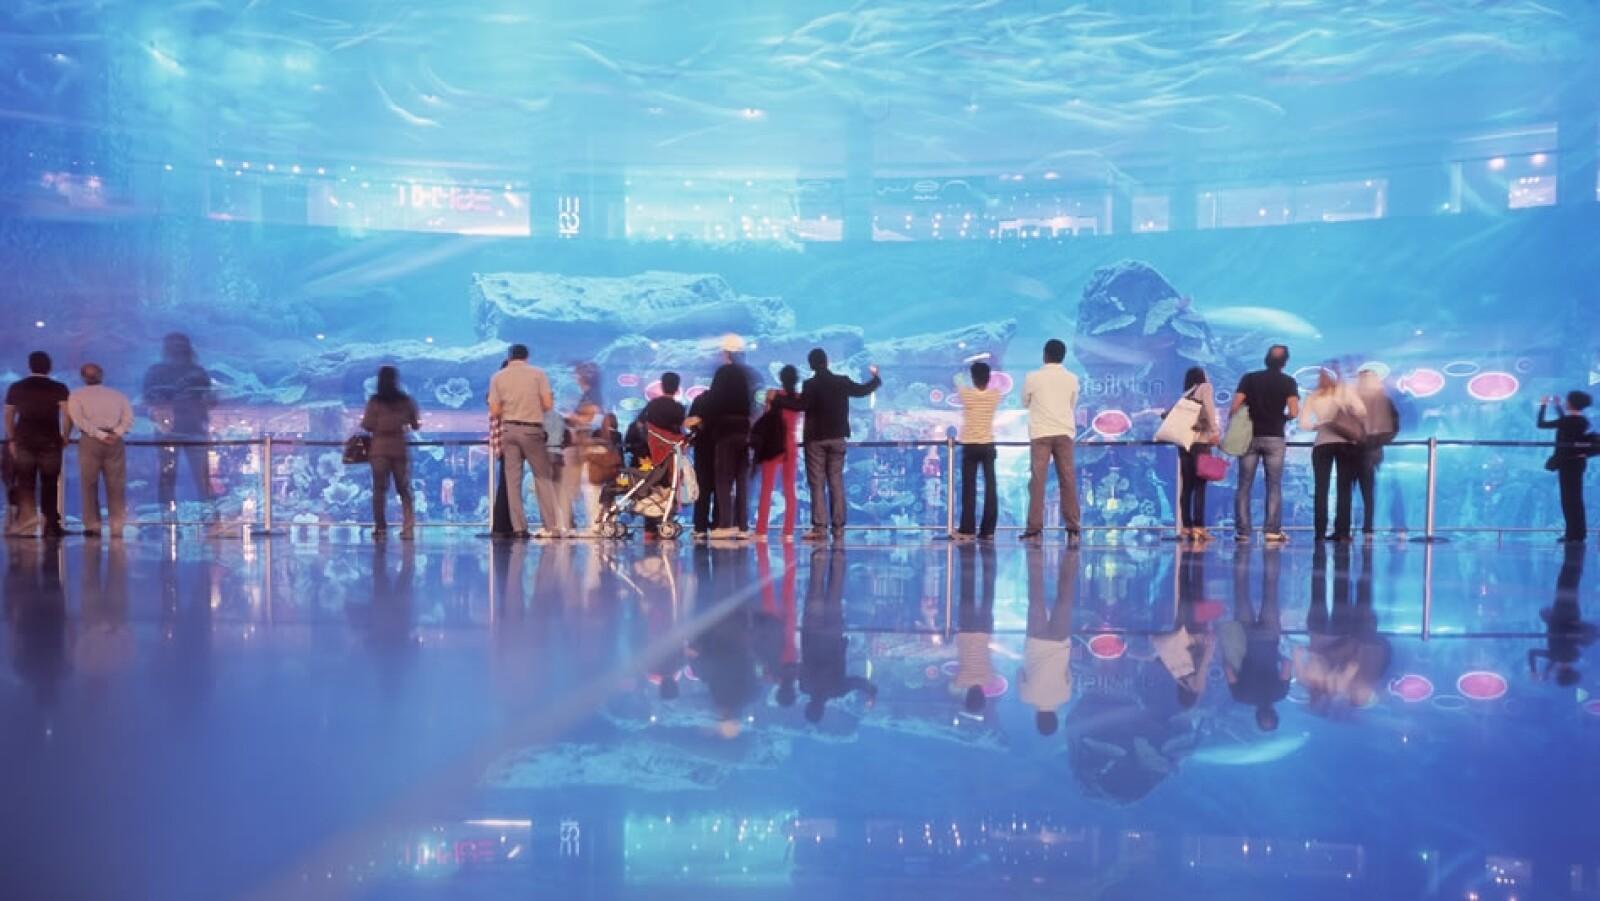 Más de 140 especies animales conviven en un zoológico acuático y en un tanque submarino dentro del centro comercial.